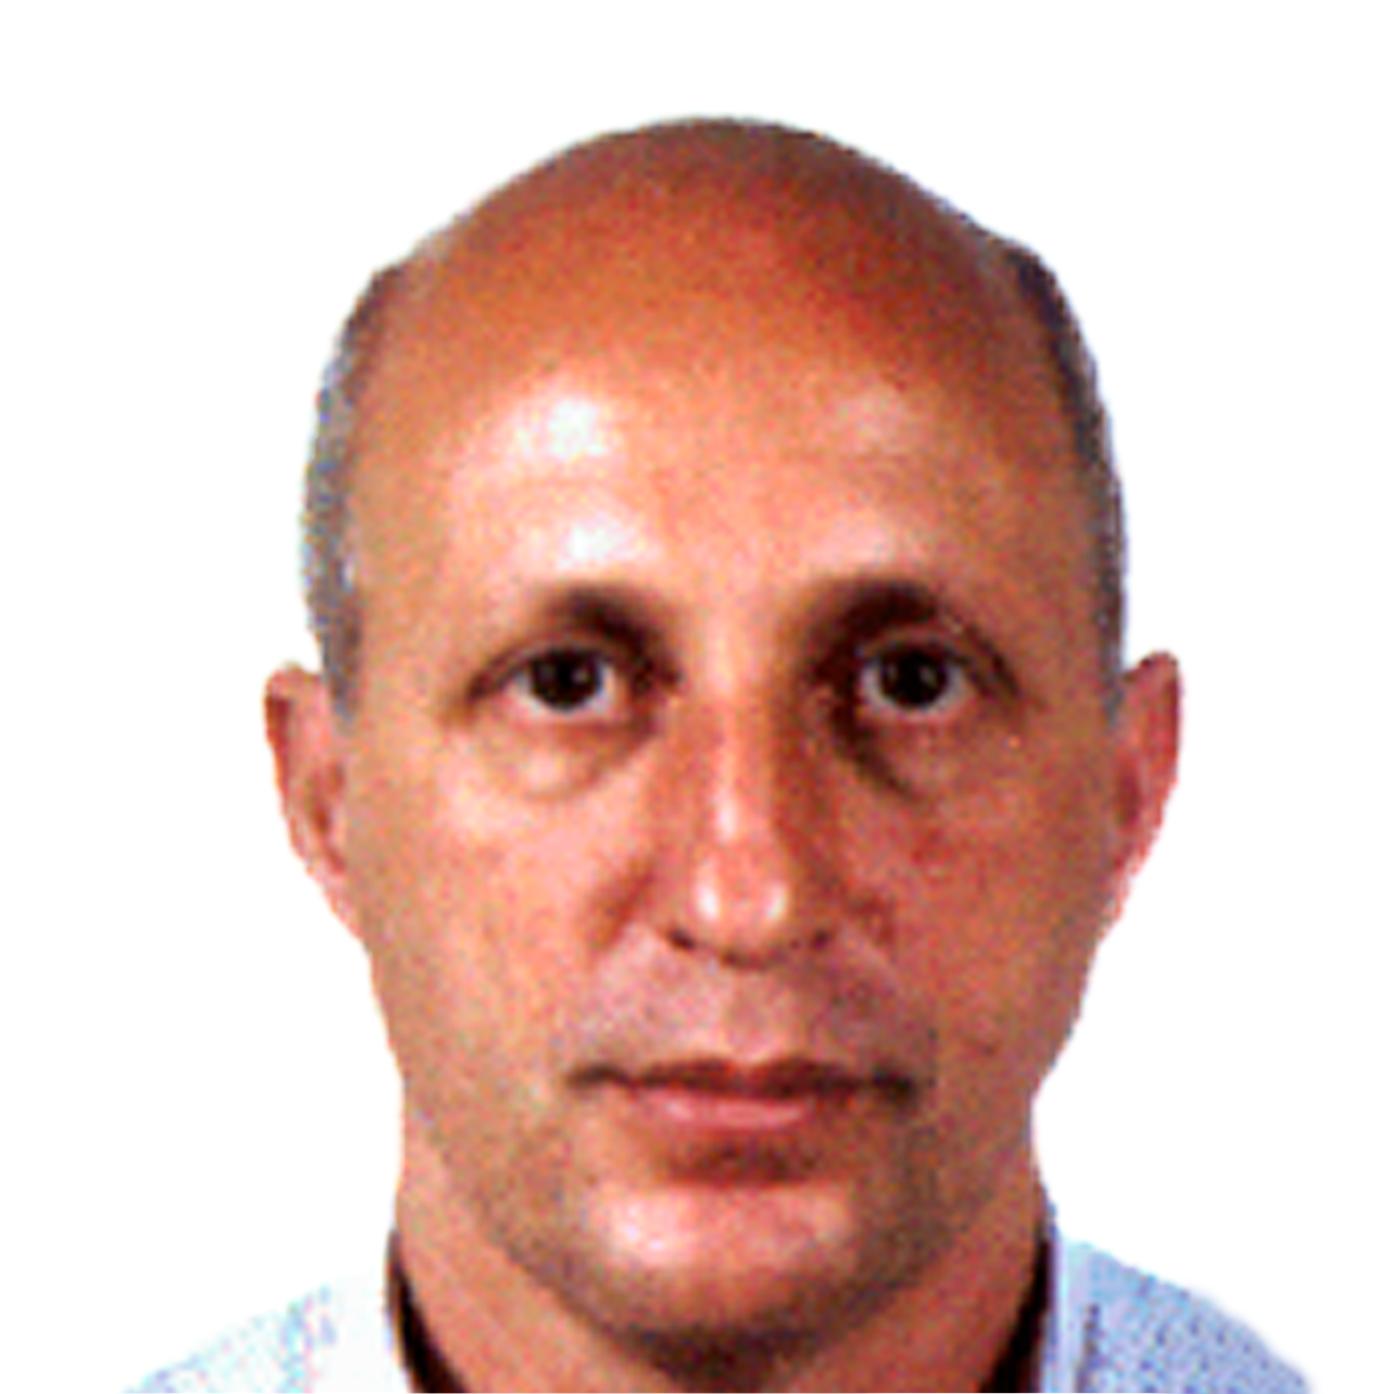 Eugenio Miatto